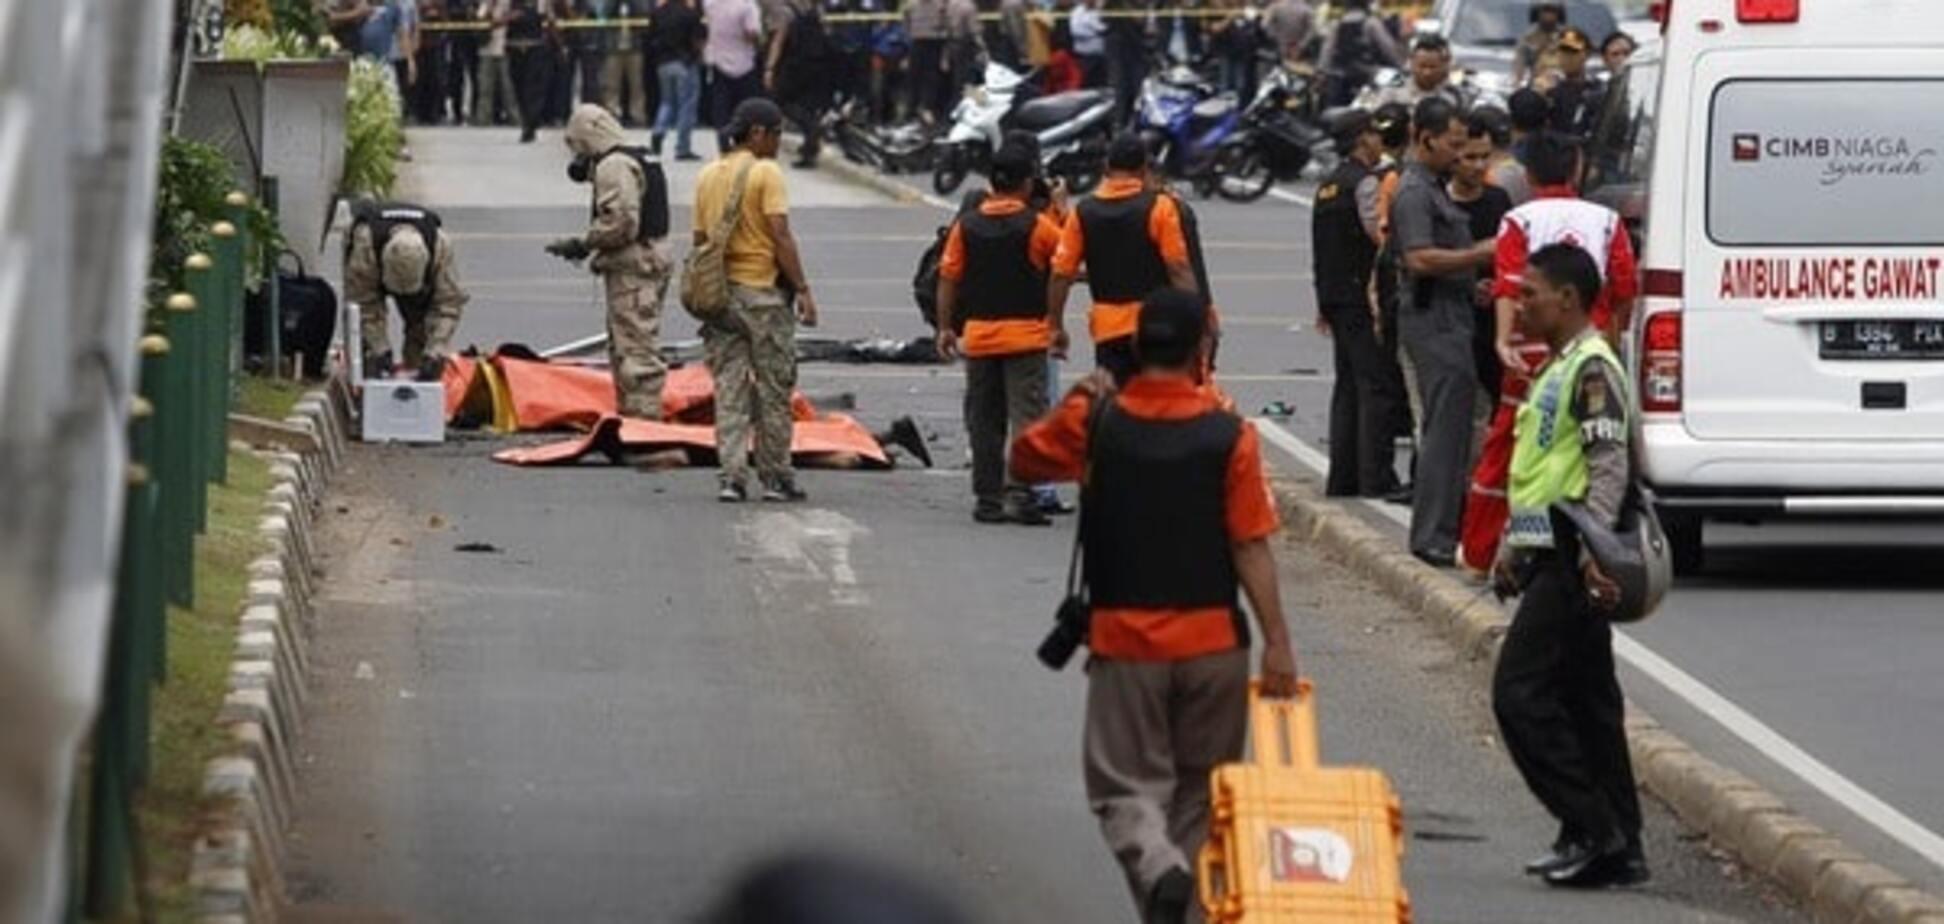 ИГИЛ вездесущий: исламисты взяли на себя ответственность за теракты в Джакарте